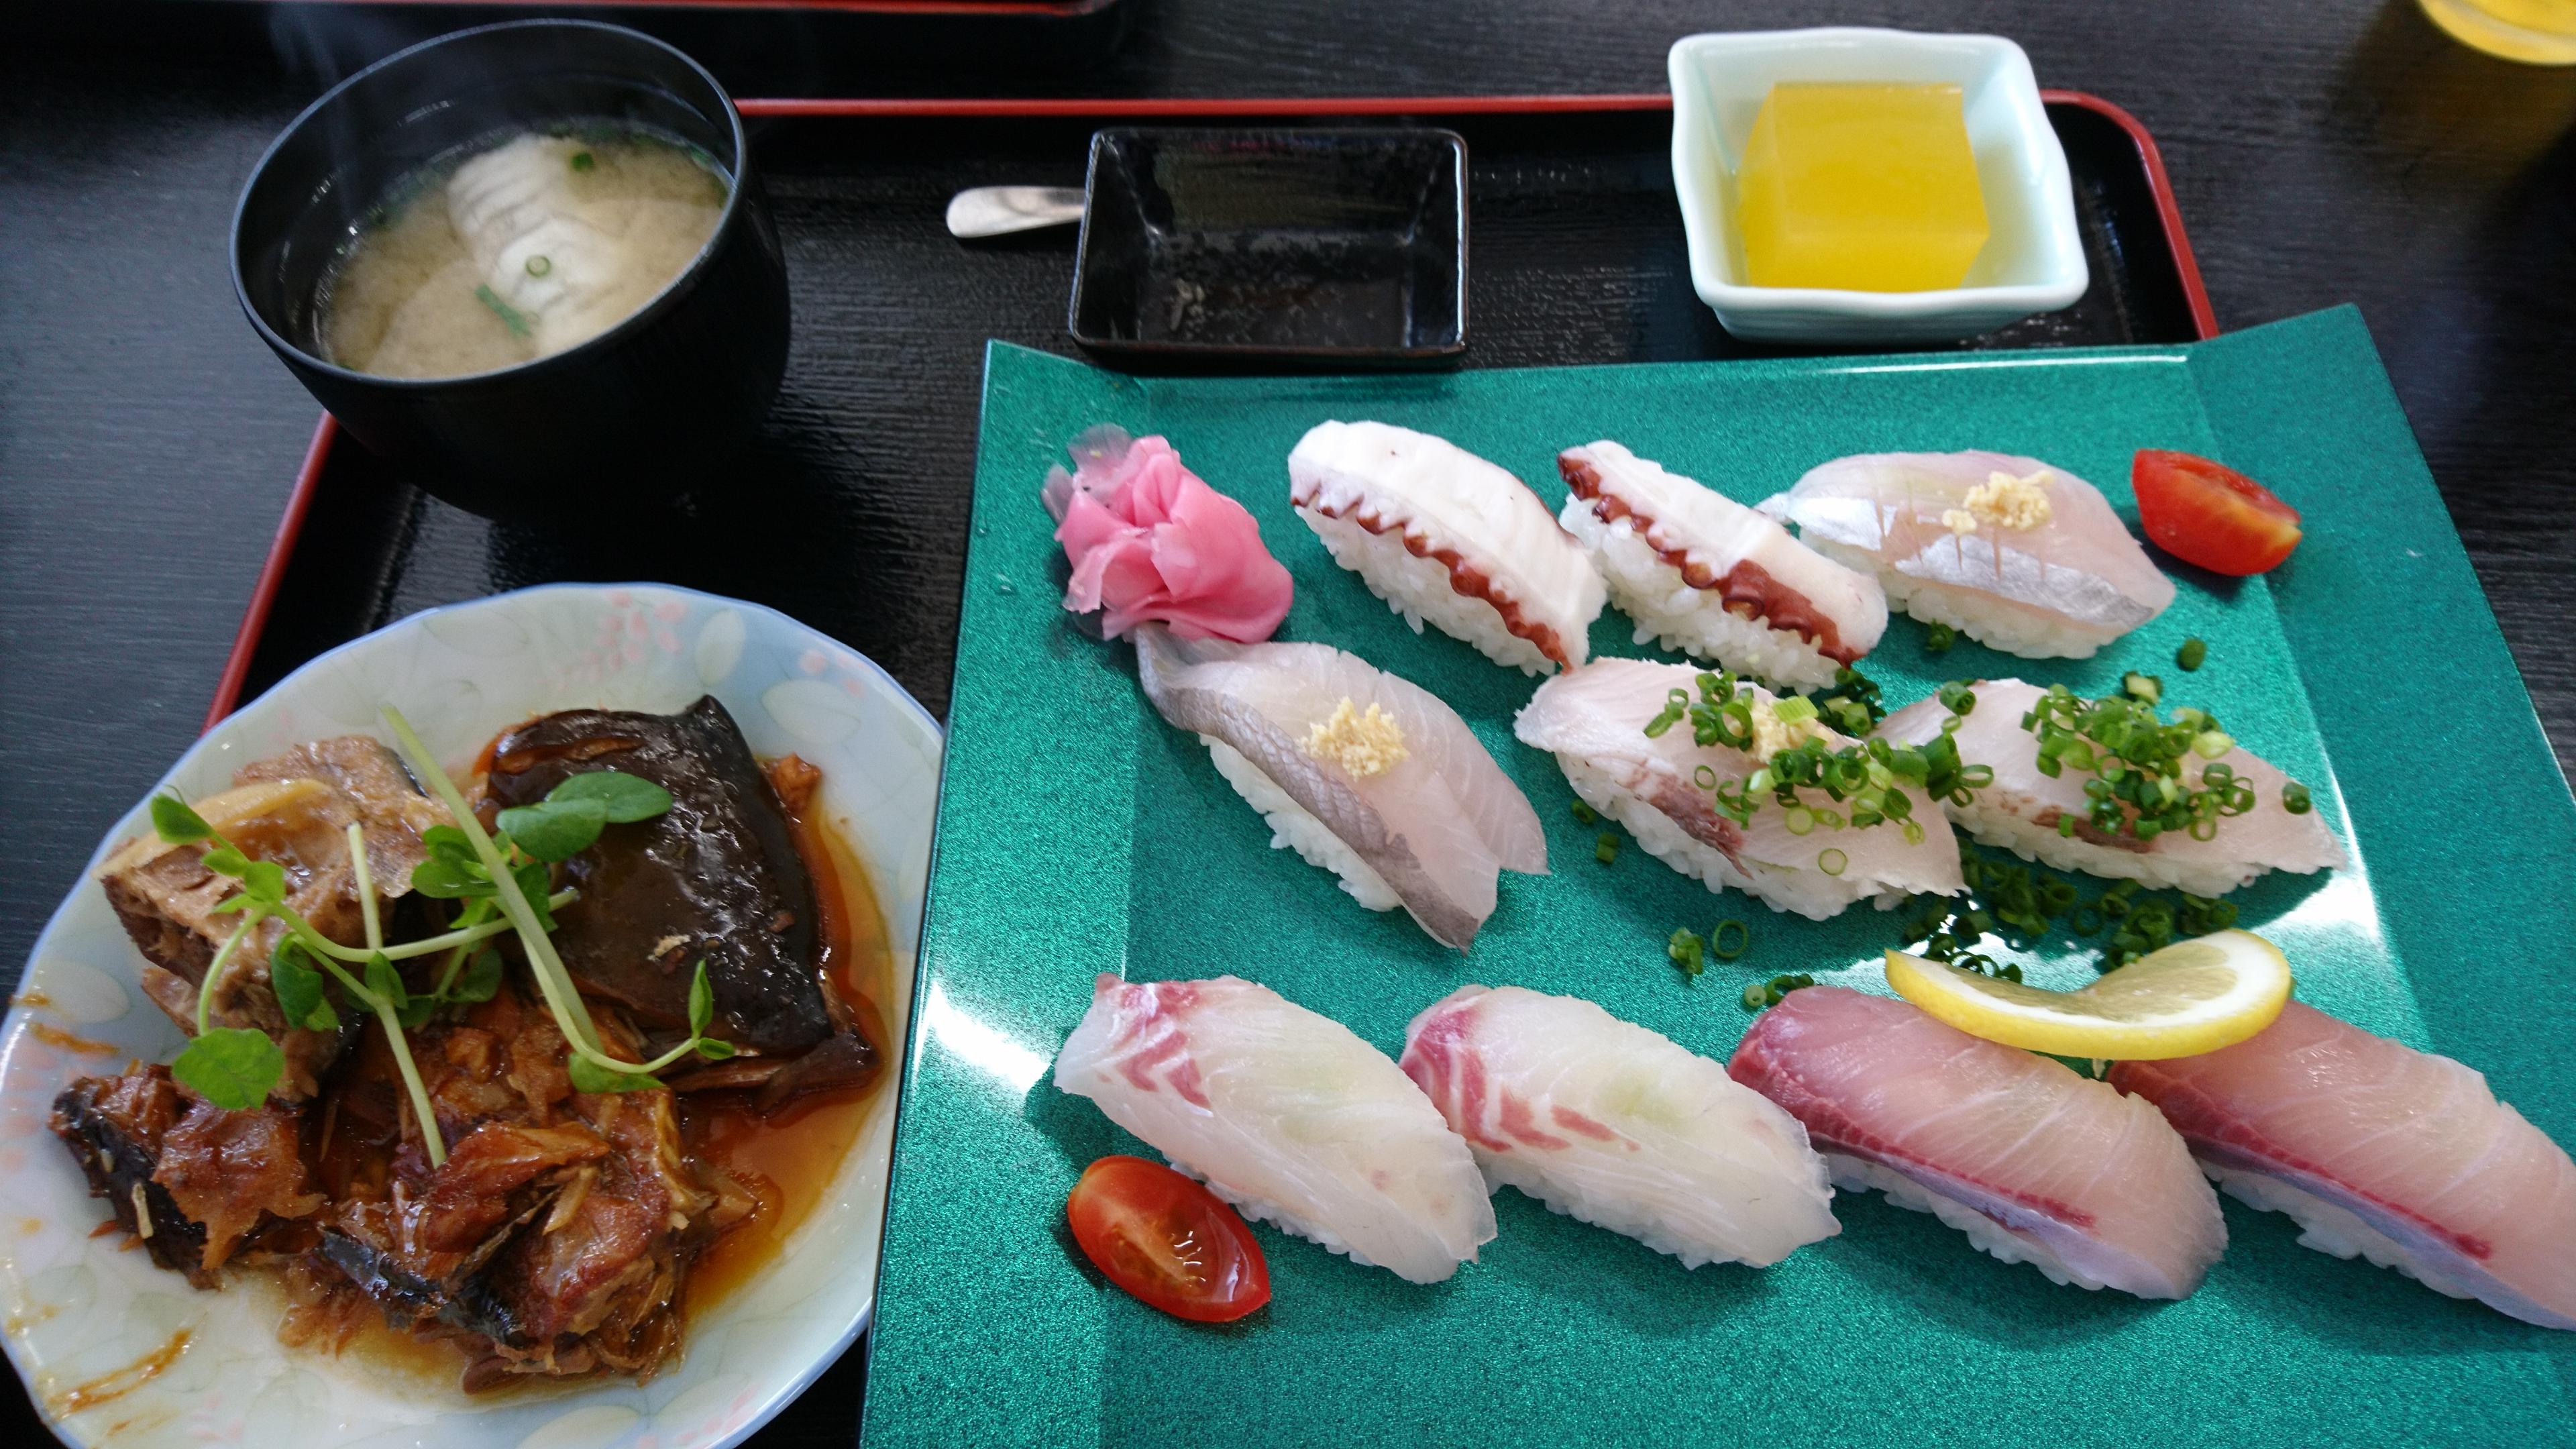 http://hashiguchi-seikotu.com/blog/about/%E9%95%B7%E5%B3%B6%E3%80%80%E5%AF%BF%E5%8F%B8.JPG